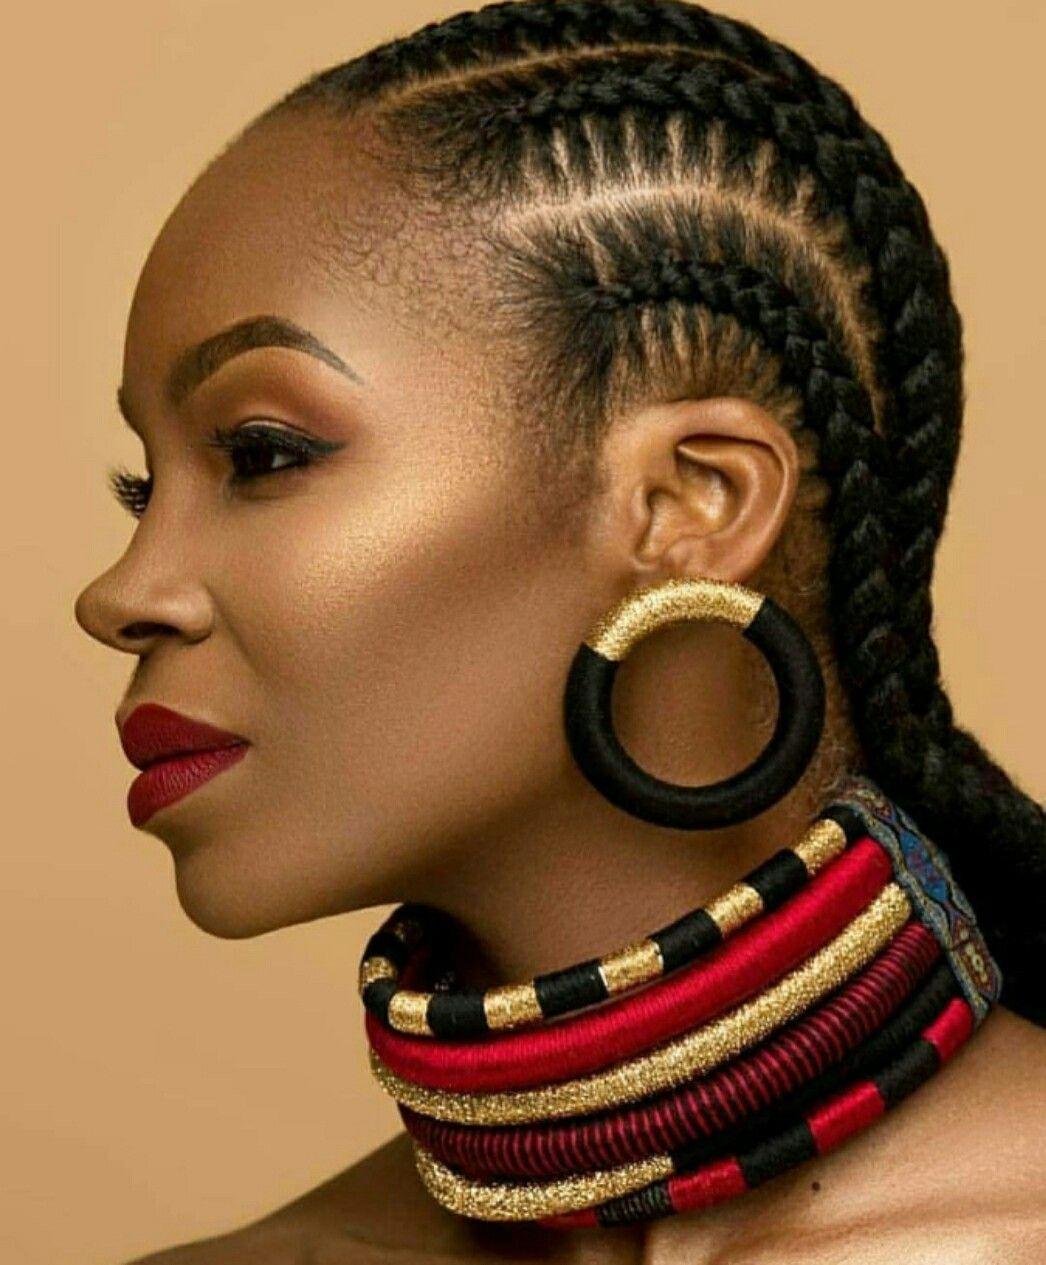 Epingle Par Murielle Kouassi Allah Sur Les Tresses Natte Cheveux Coiffures Naturelles Cheveux Noirs Model De Coiffure Africaine